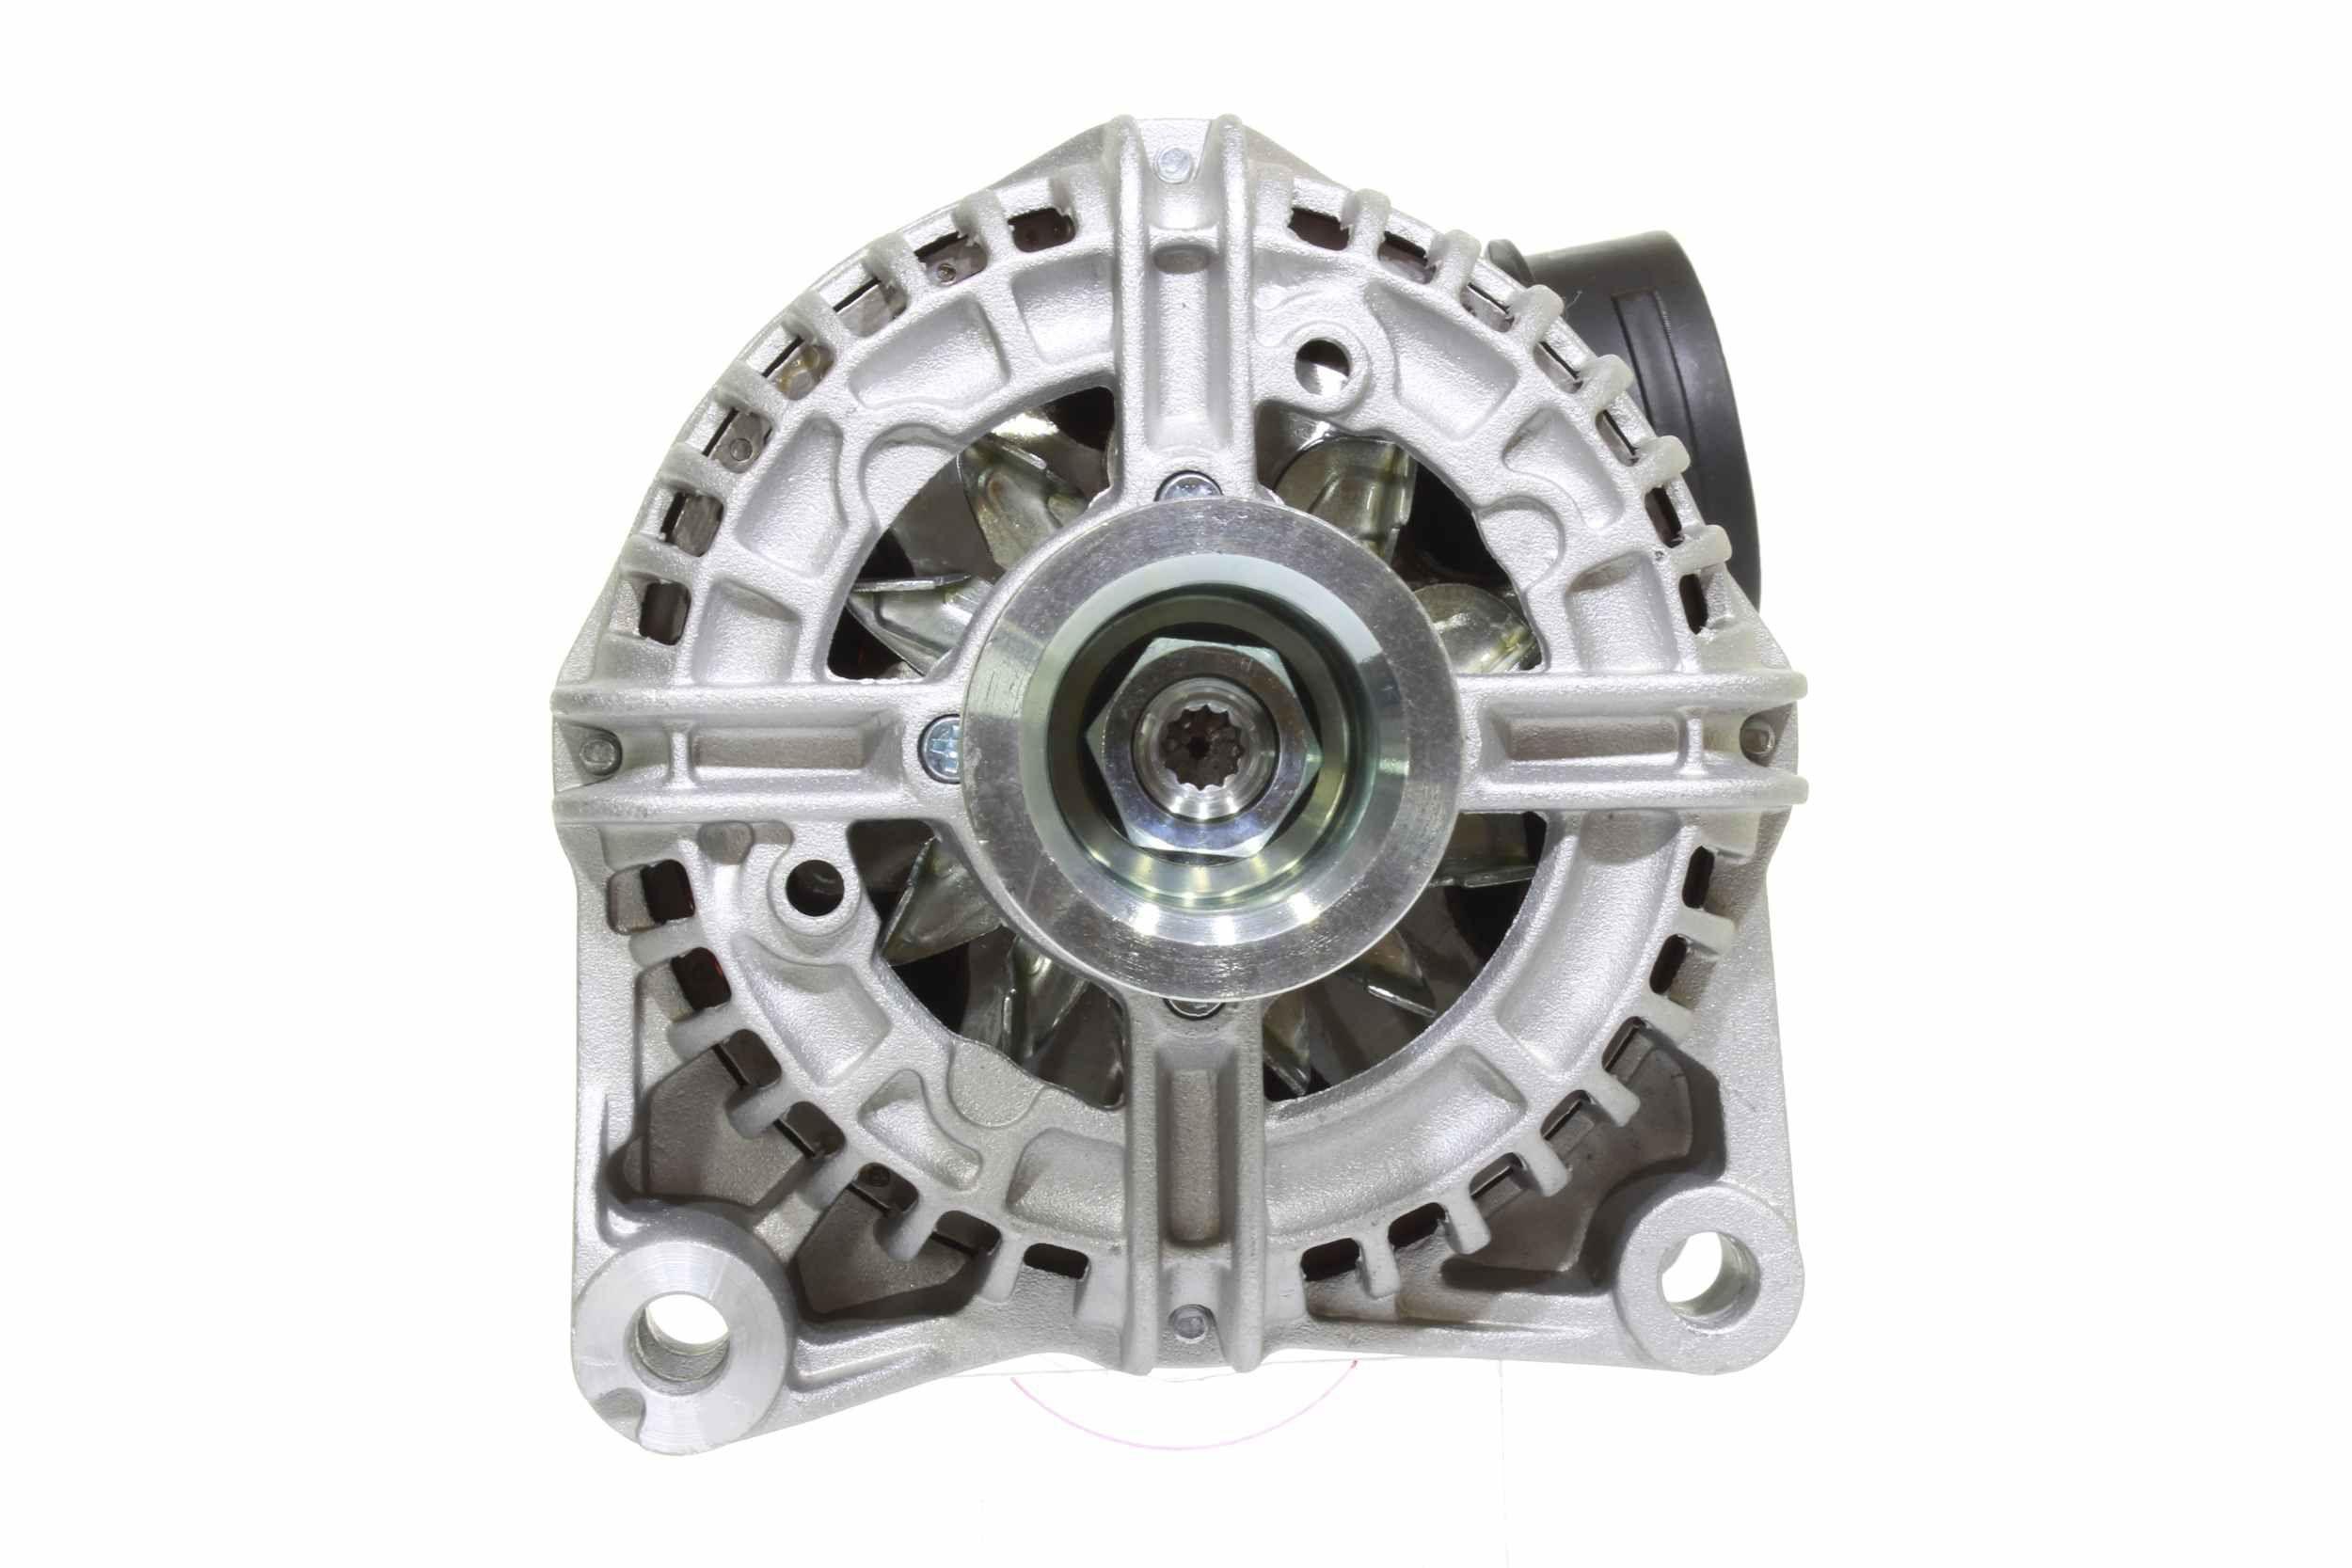 Lichtmaschine 10442365 ALANKO 442365 in Original Qualität